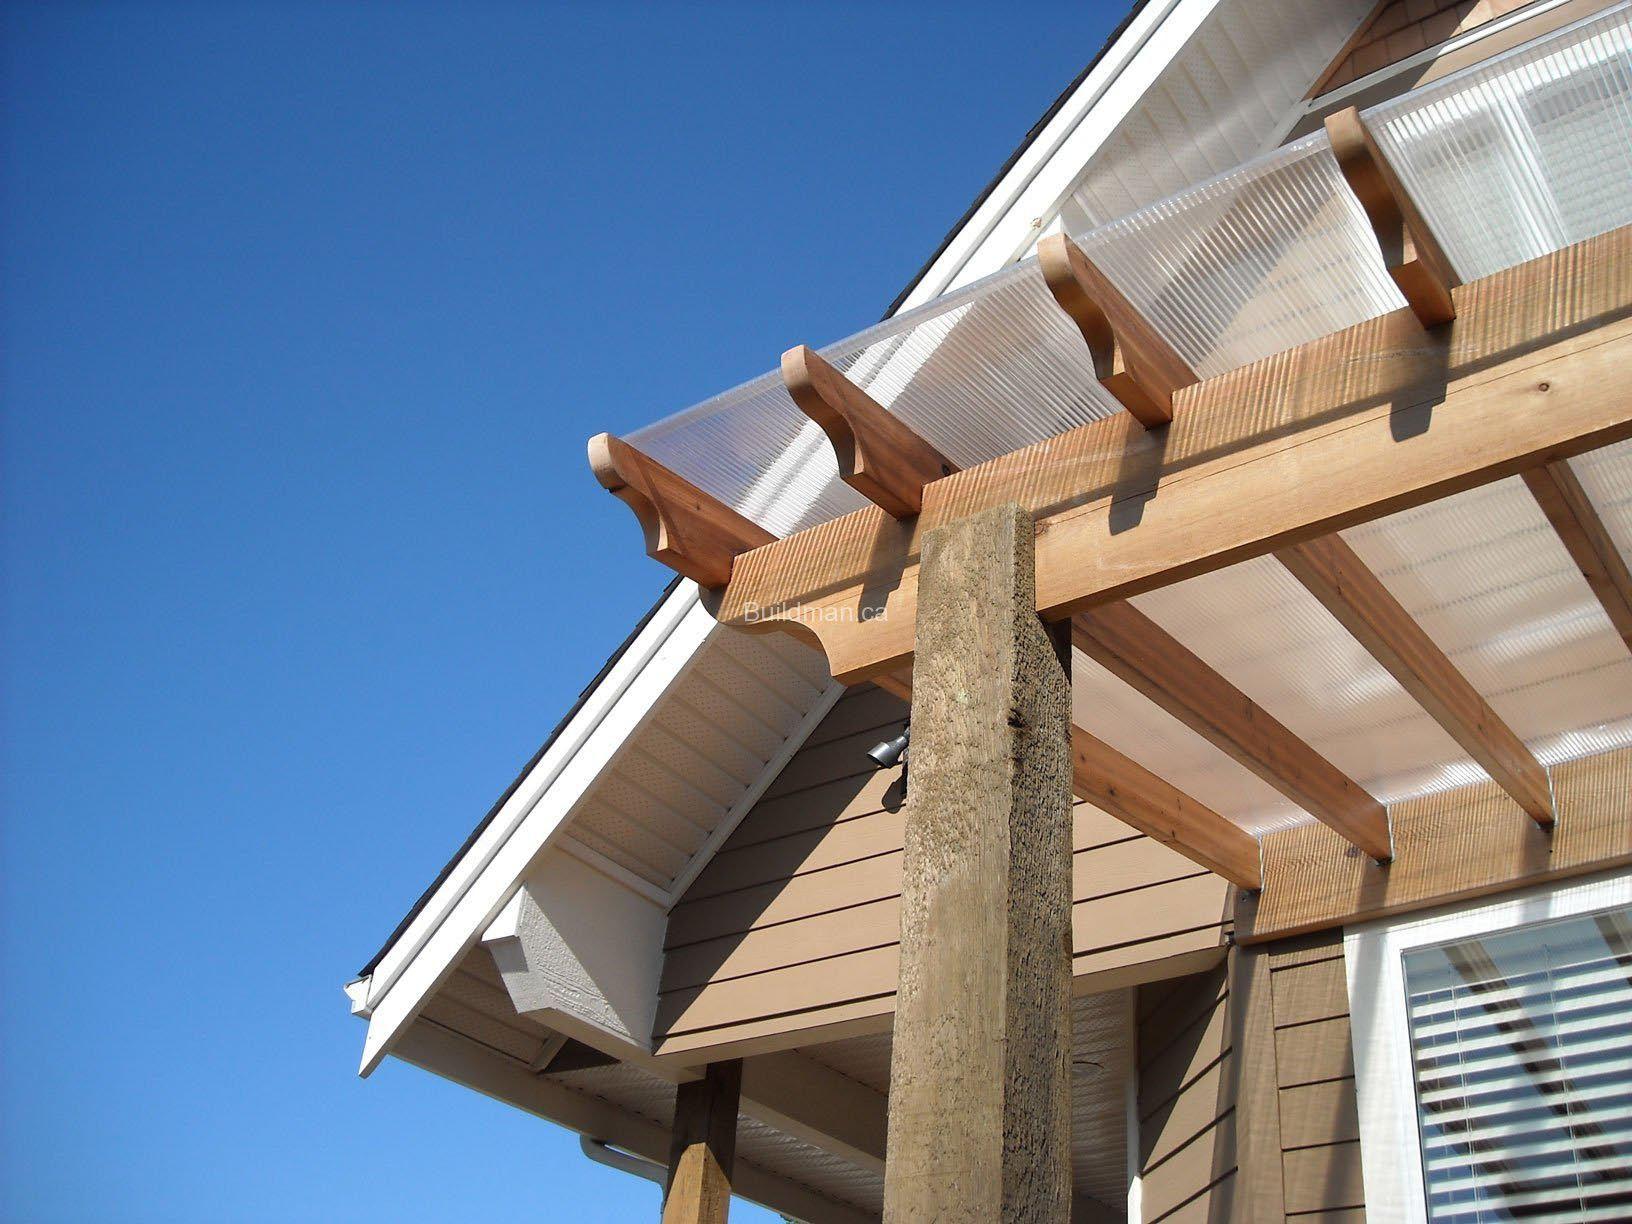 Pergola roof cover materials pergolawithroof pergola life